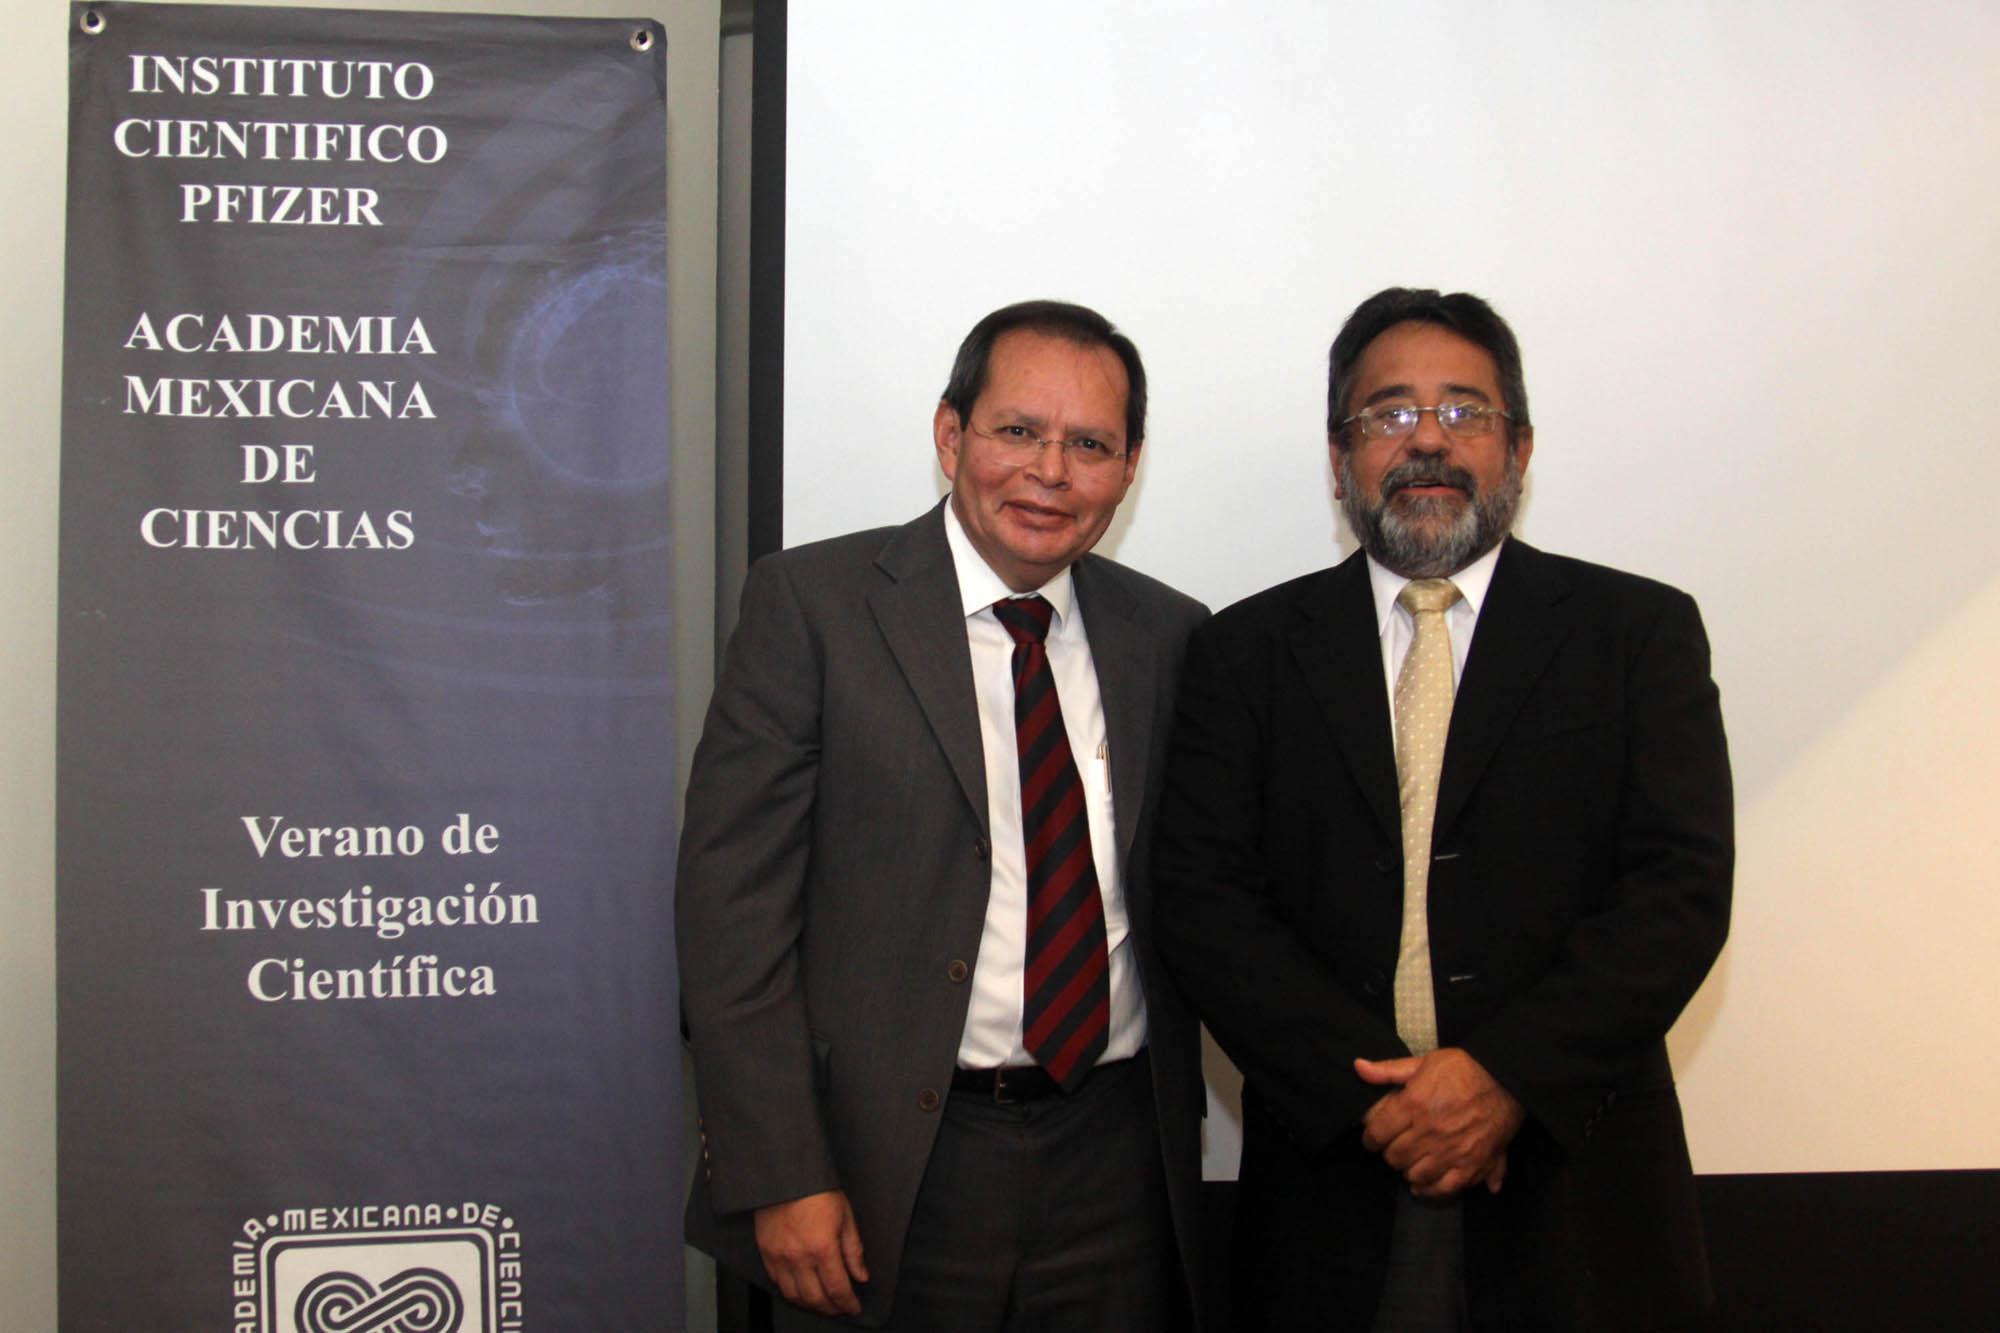 http://www.comunicacion.amc.edu.mx/comunicacion/noticias/images/cyd-070813-int2-g.jpg